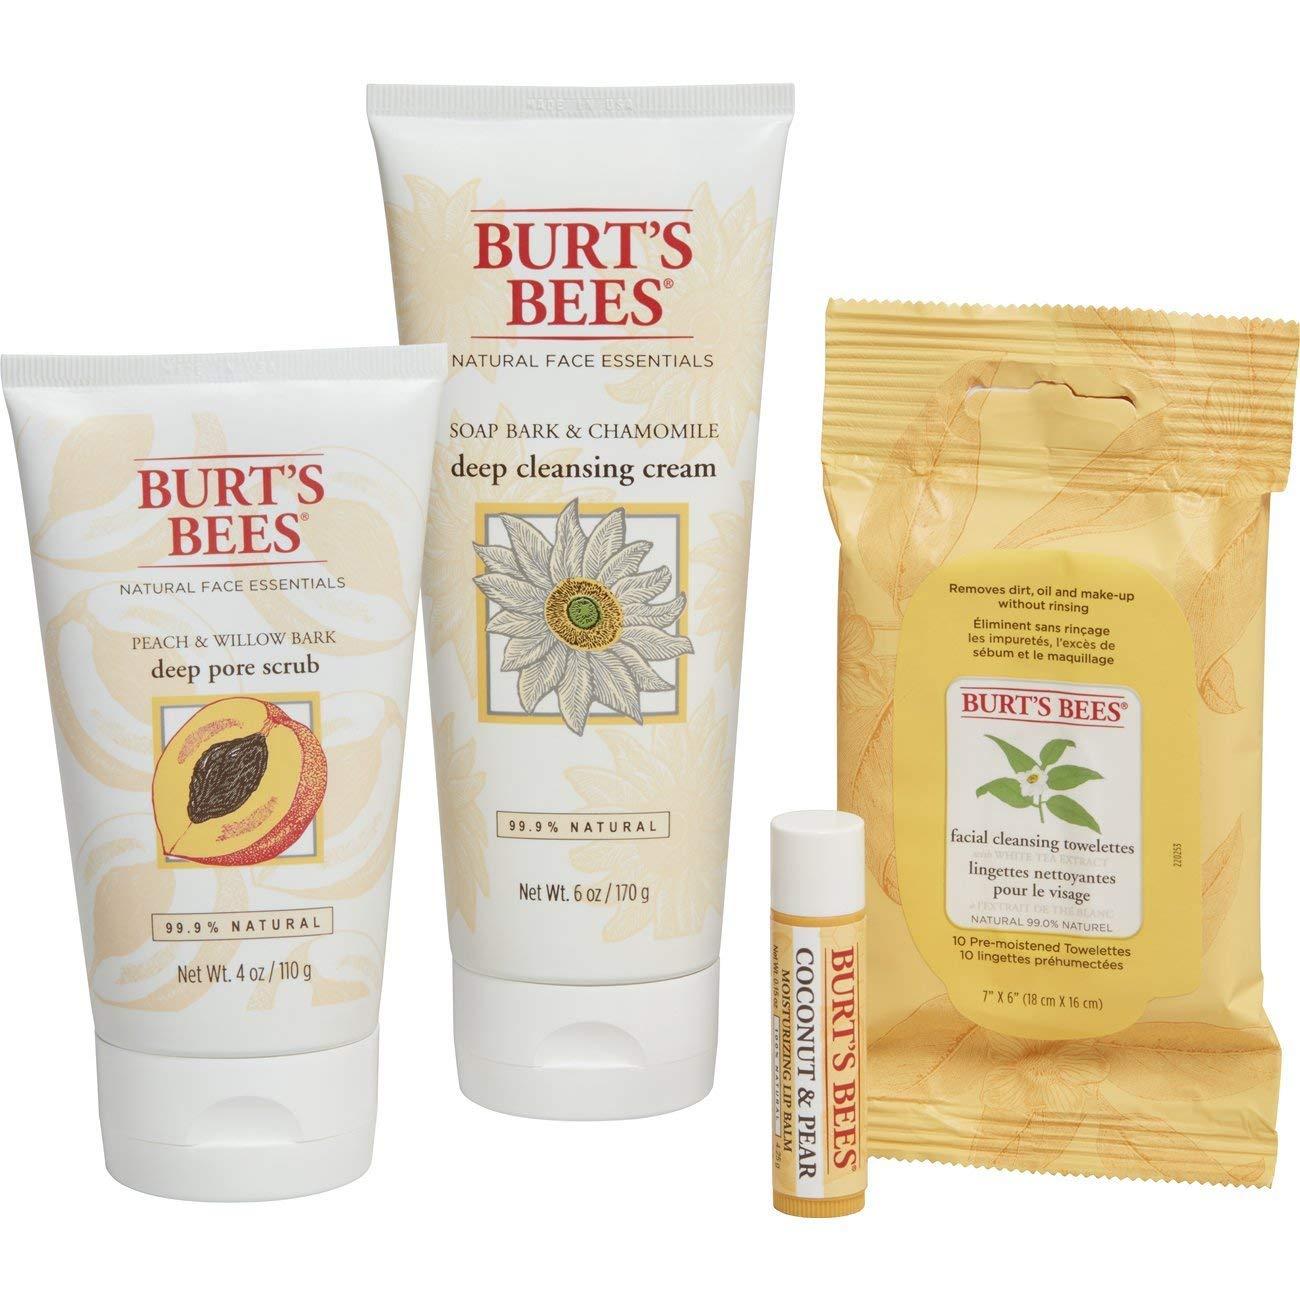 Burt's Bees FACE thiết yếu ngày Lễ bộ quà tặng 4 làn da. Sản phẩm – sâu sâu lỗ chân lông kem và sữa